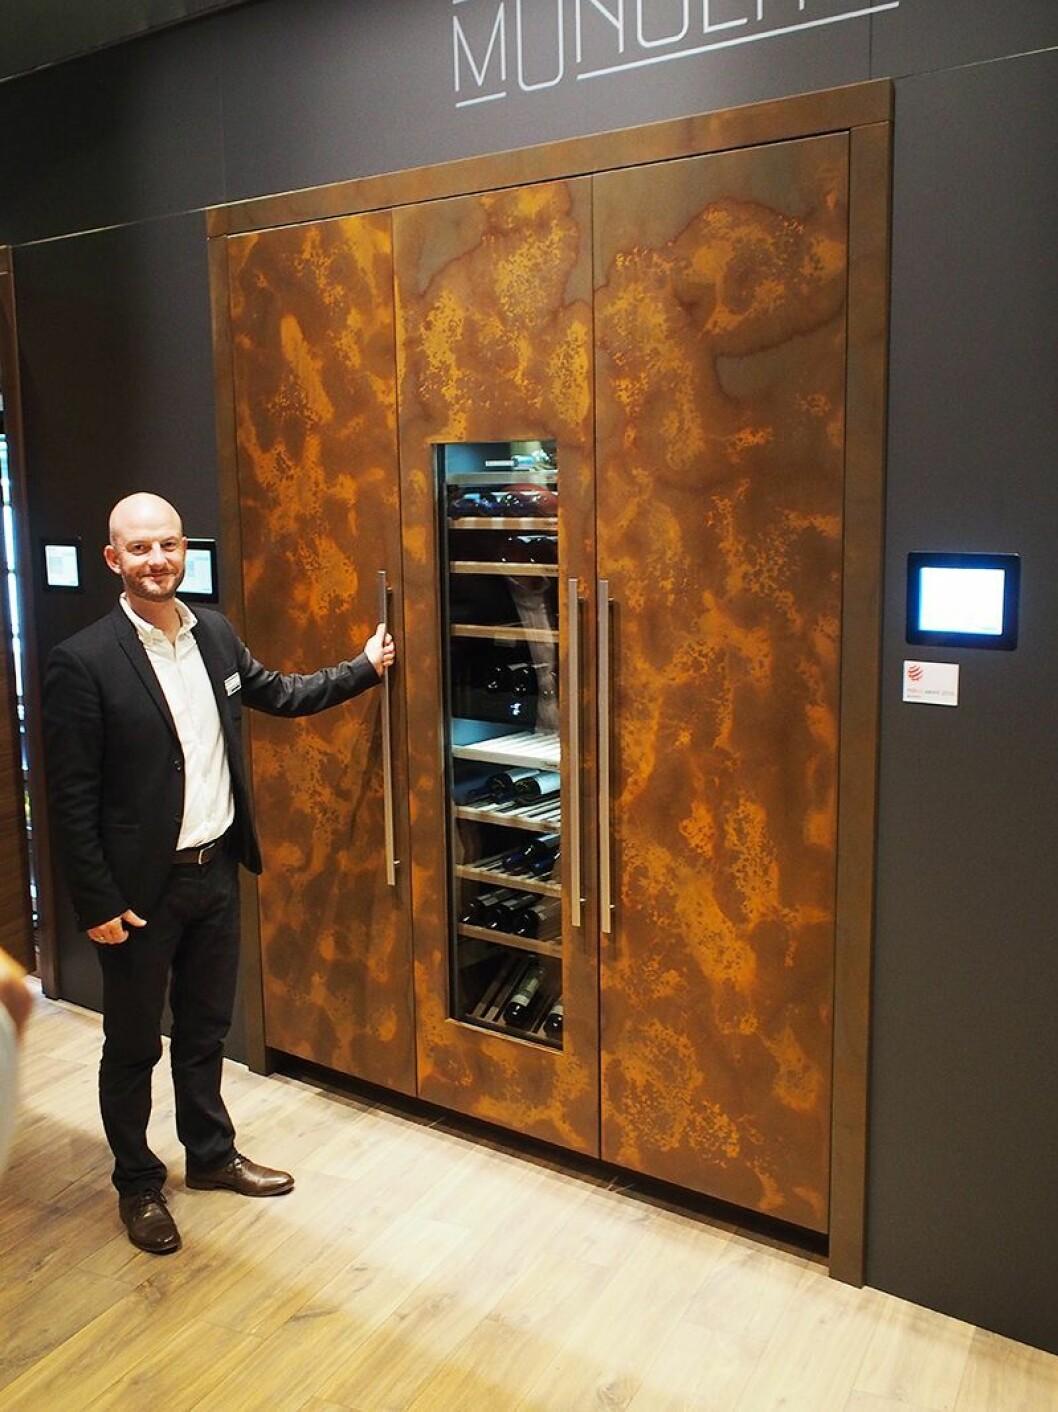 Du skal ha stort kjøkken for å få plass til Monolith-skapet som Anders Rosenkrans Gjedsted viser frem. Foto: Jan Røsholm.